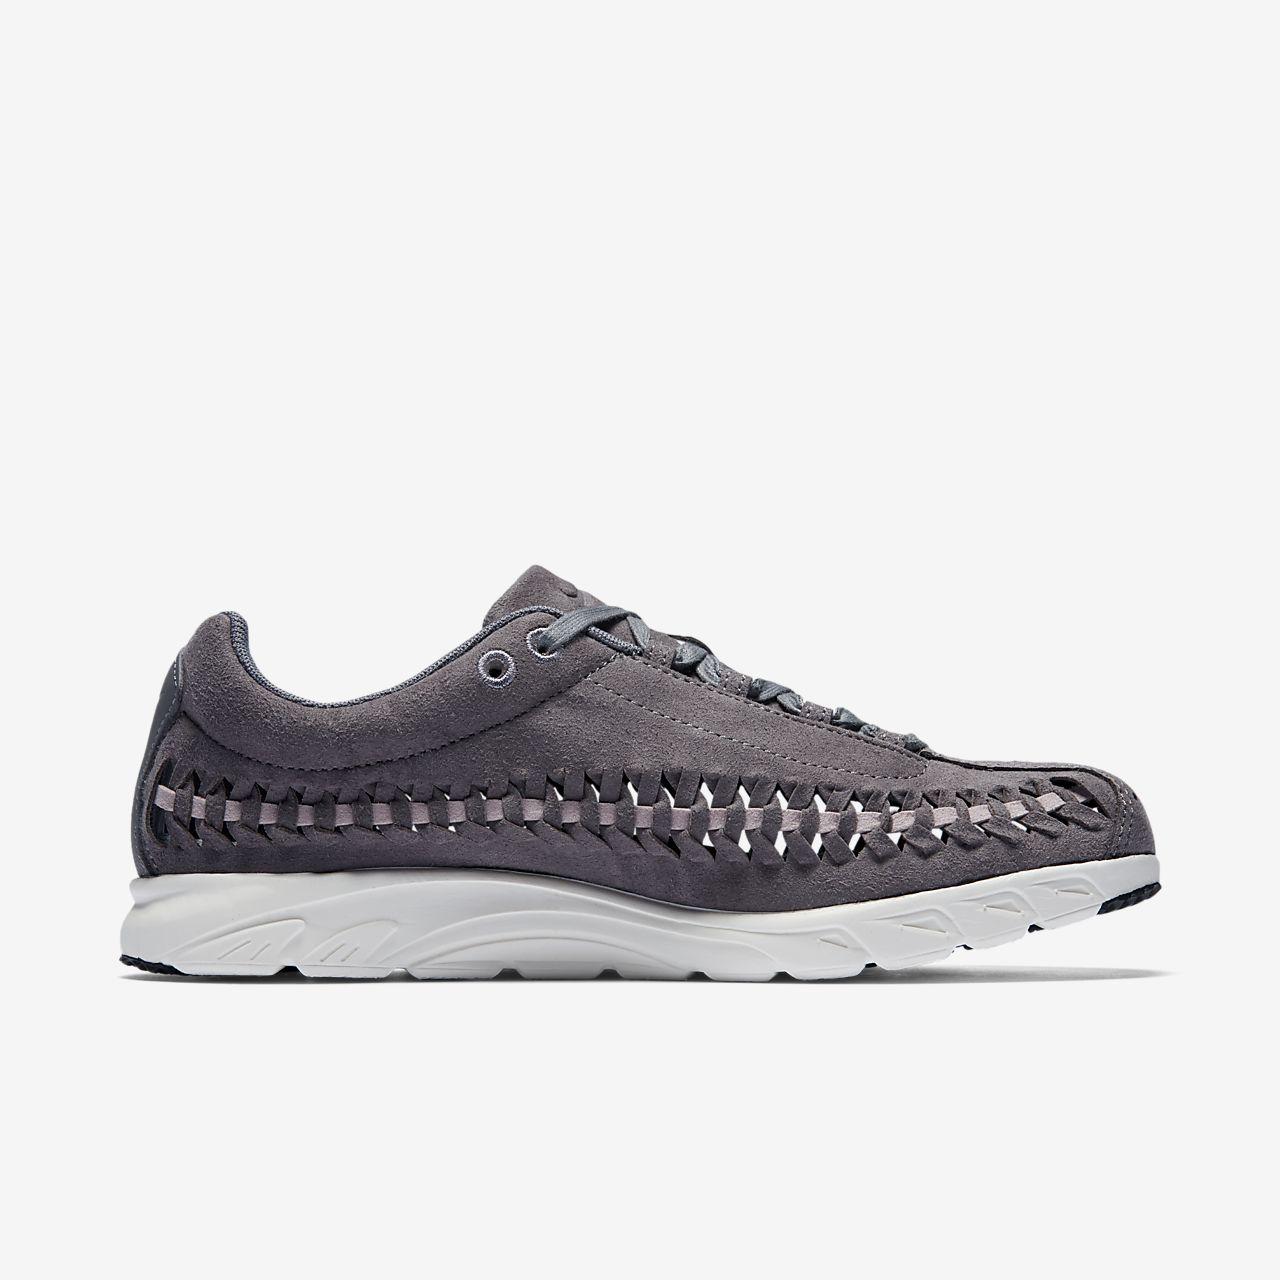 ... Nike Mayfly Woven Women's Shoe